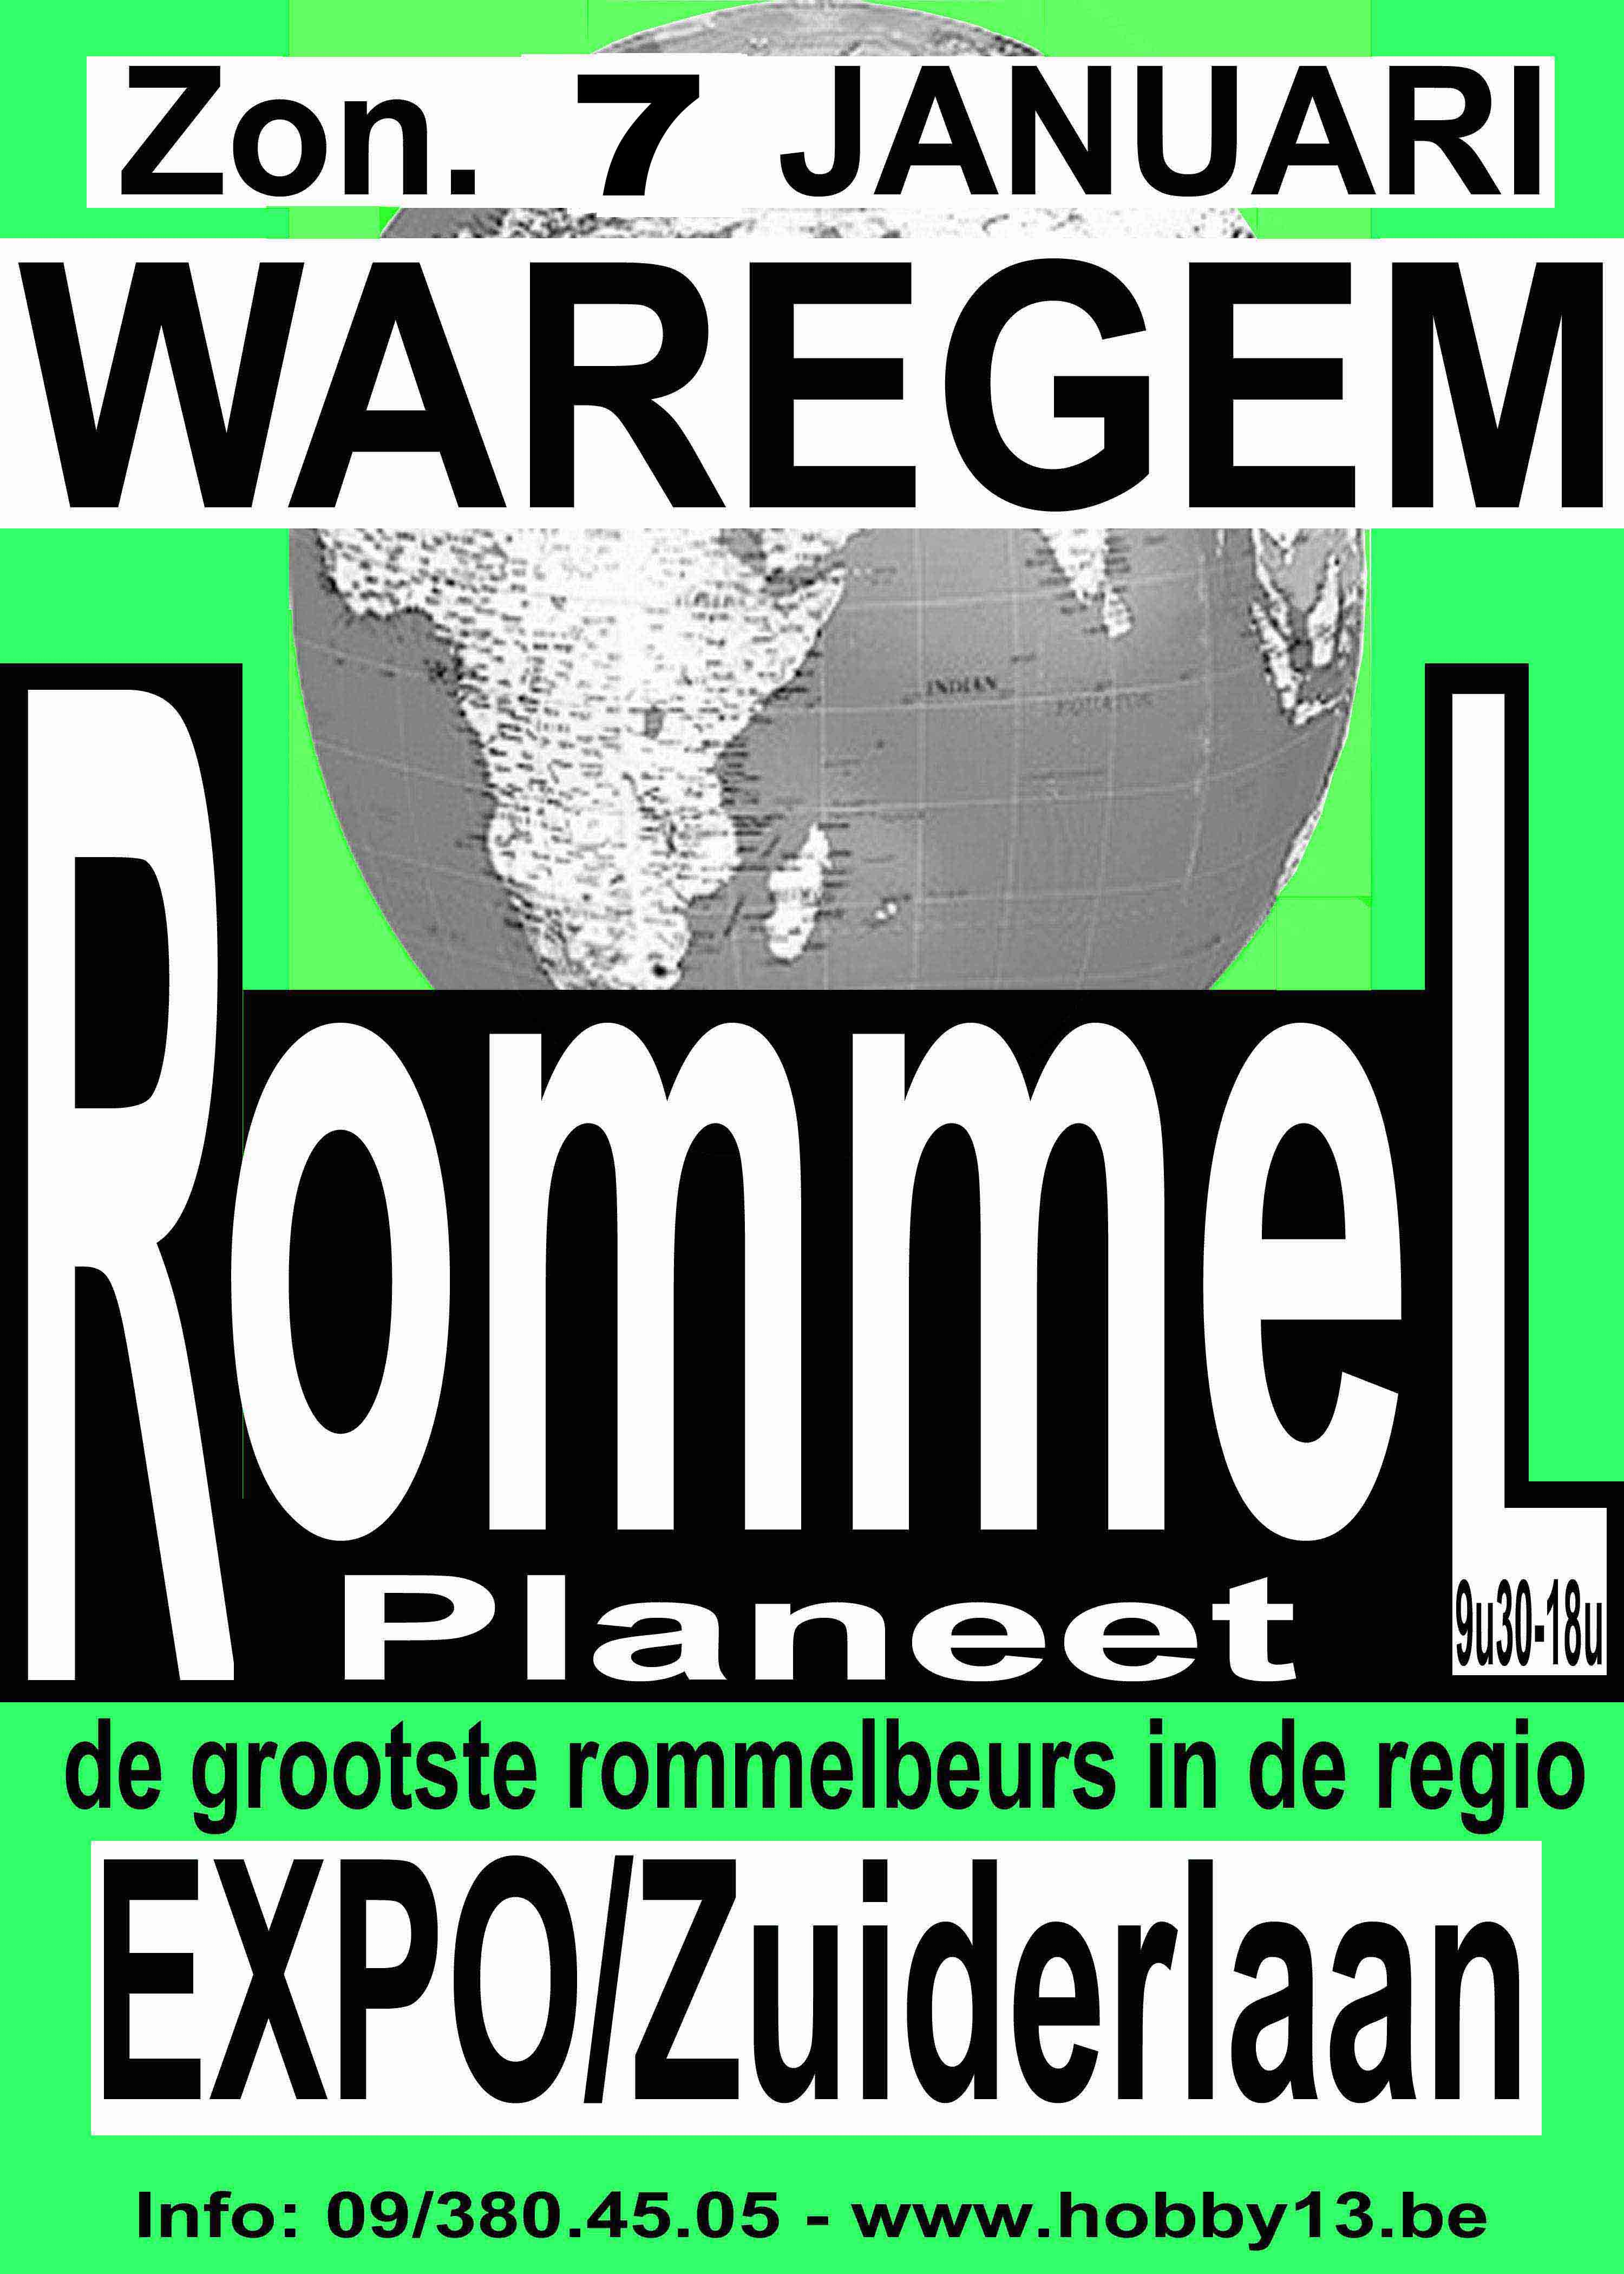 Rommelmarkt – CD & Platenbeurs